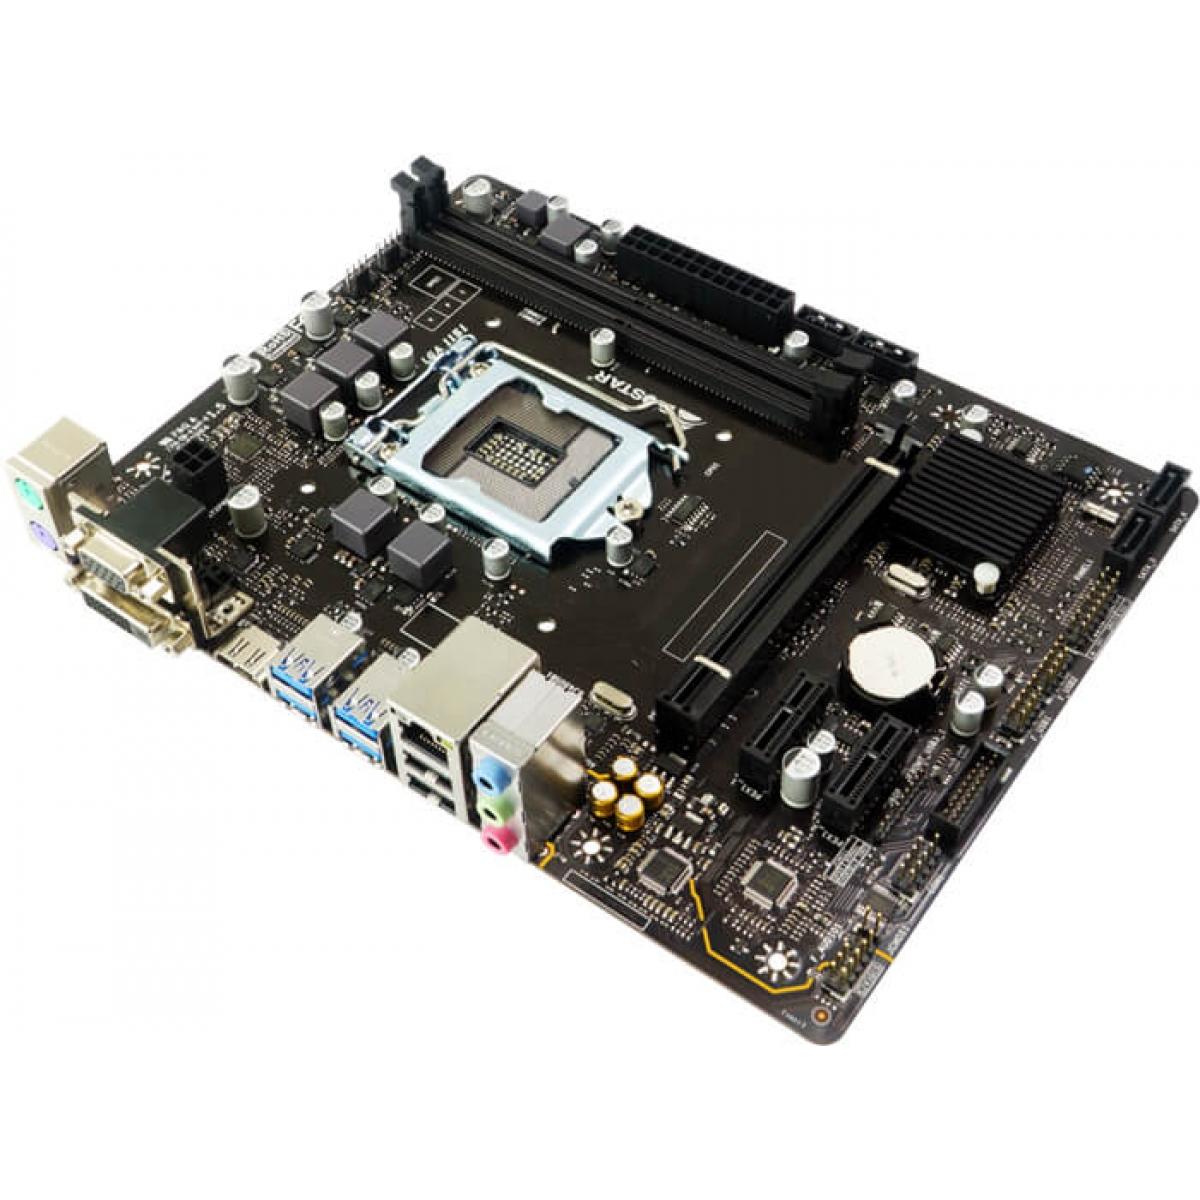 Placa Mãe Biostar B360MHD PRO, Chipset B360, Intel LGA 1151, mATX, DDR4